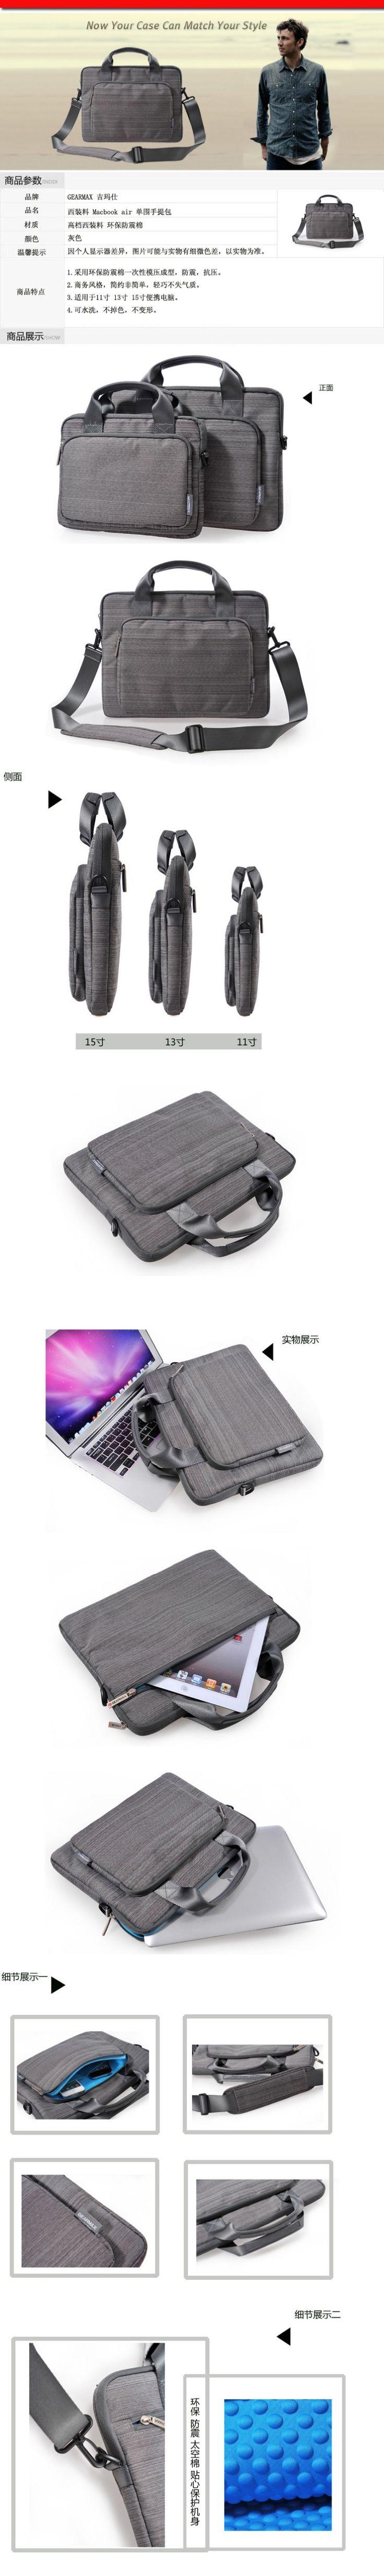 2016 Laptop Bag 15.6 Comput Bag for Macbook Pro 15 Fashion Design Nylon Laptop Briefcase Notebook Bag 15 Shoulder Bag for men